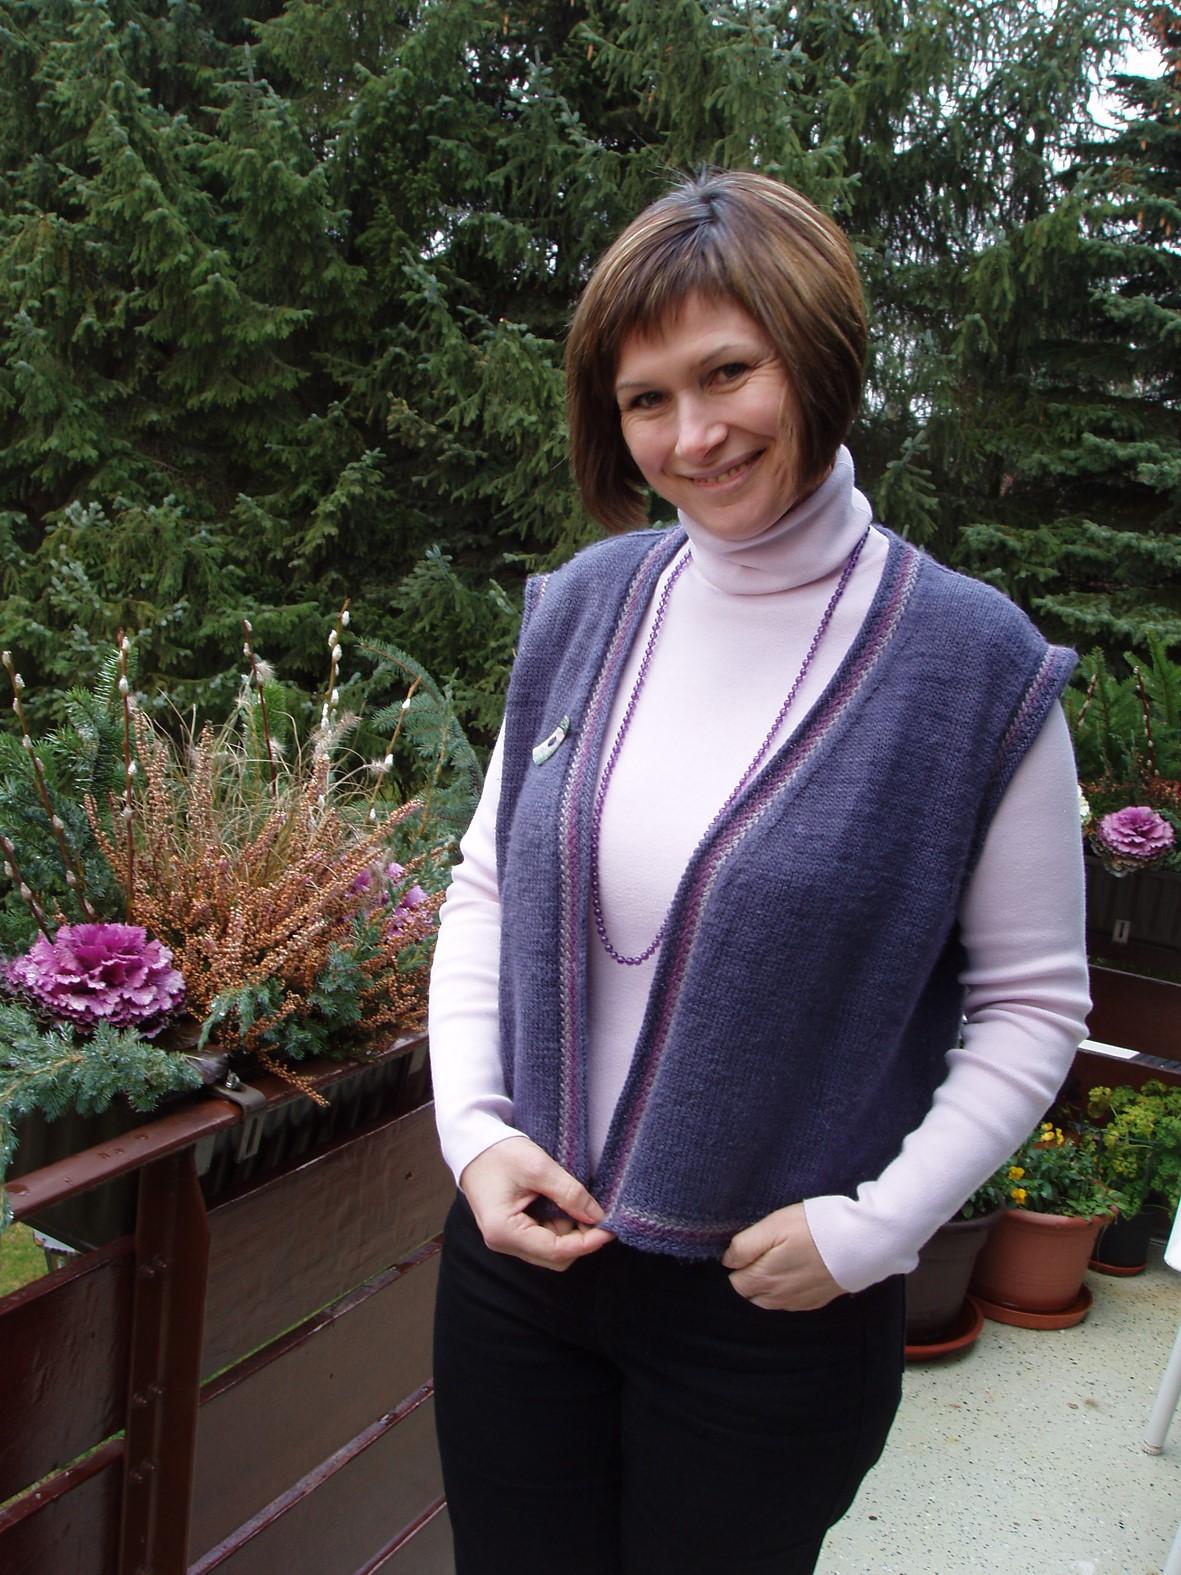 Lottes vintersæt Vest og bluse med kanter I peruviansk vævestrik